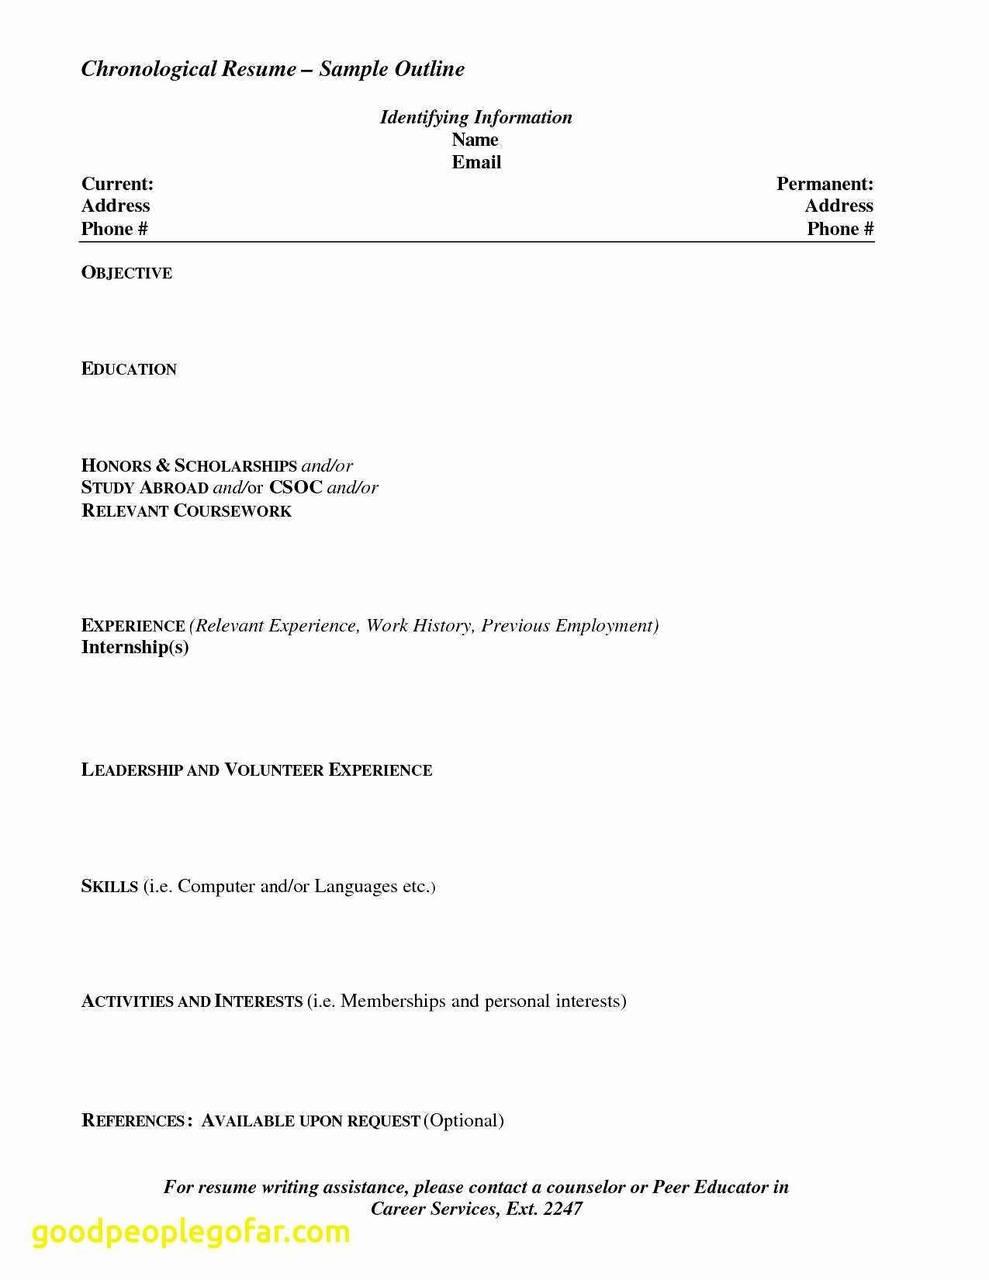 How To Spell Resume Resume How To Spell 1 how to spell resume|wikiresume.com